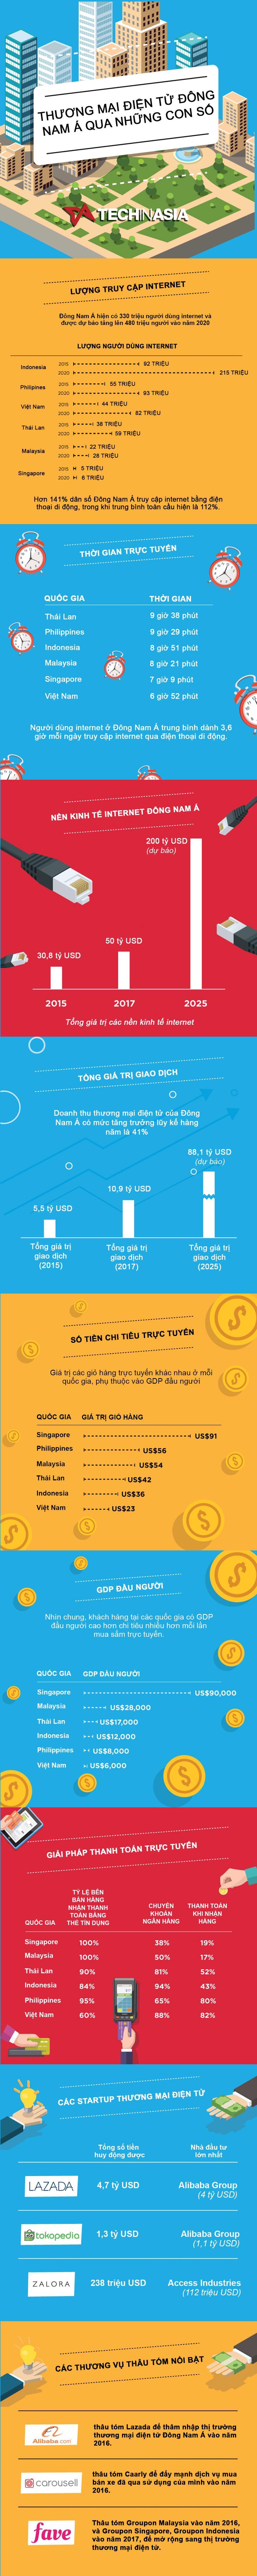 Thương mại điện tử Đông Nam Á qua những con số - Ảnh 1.